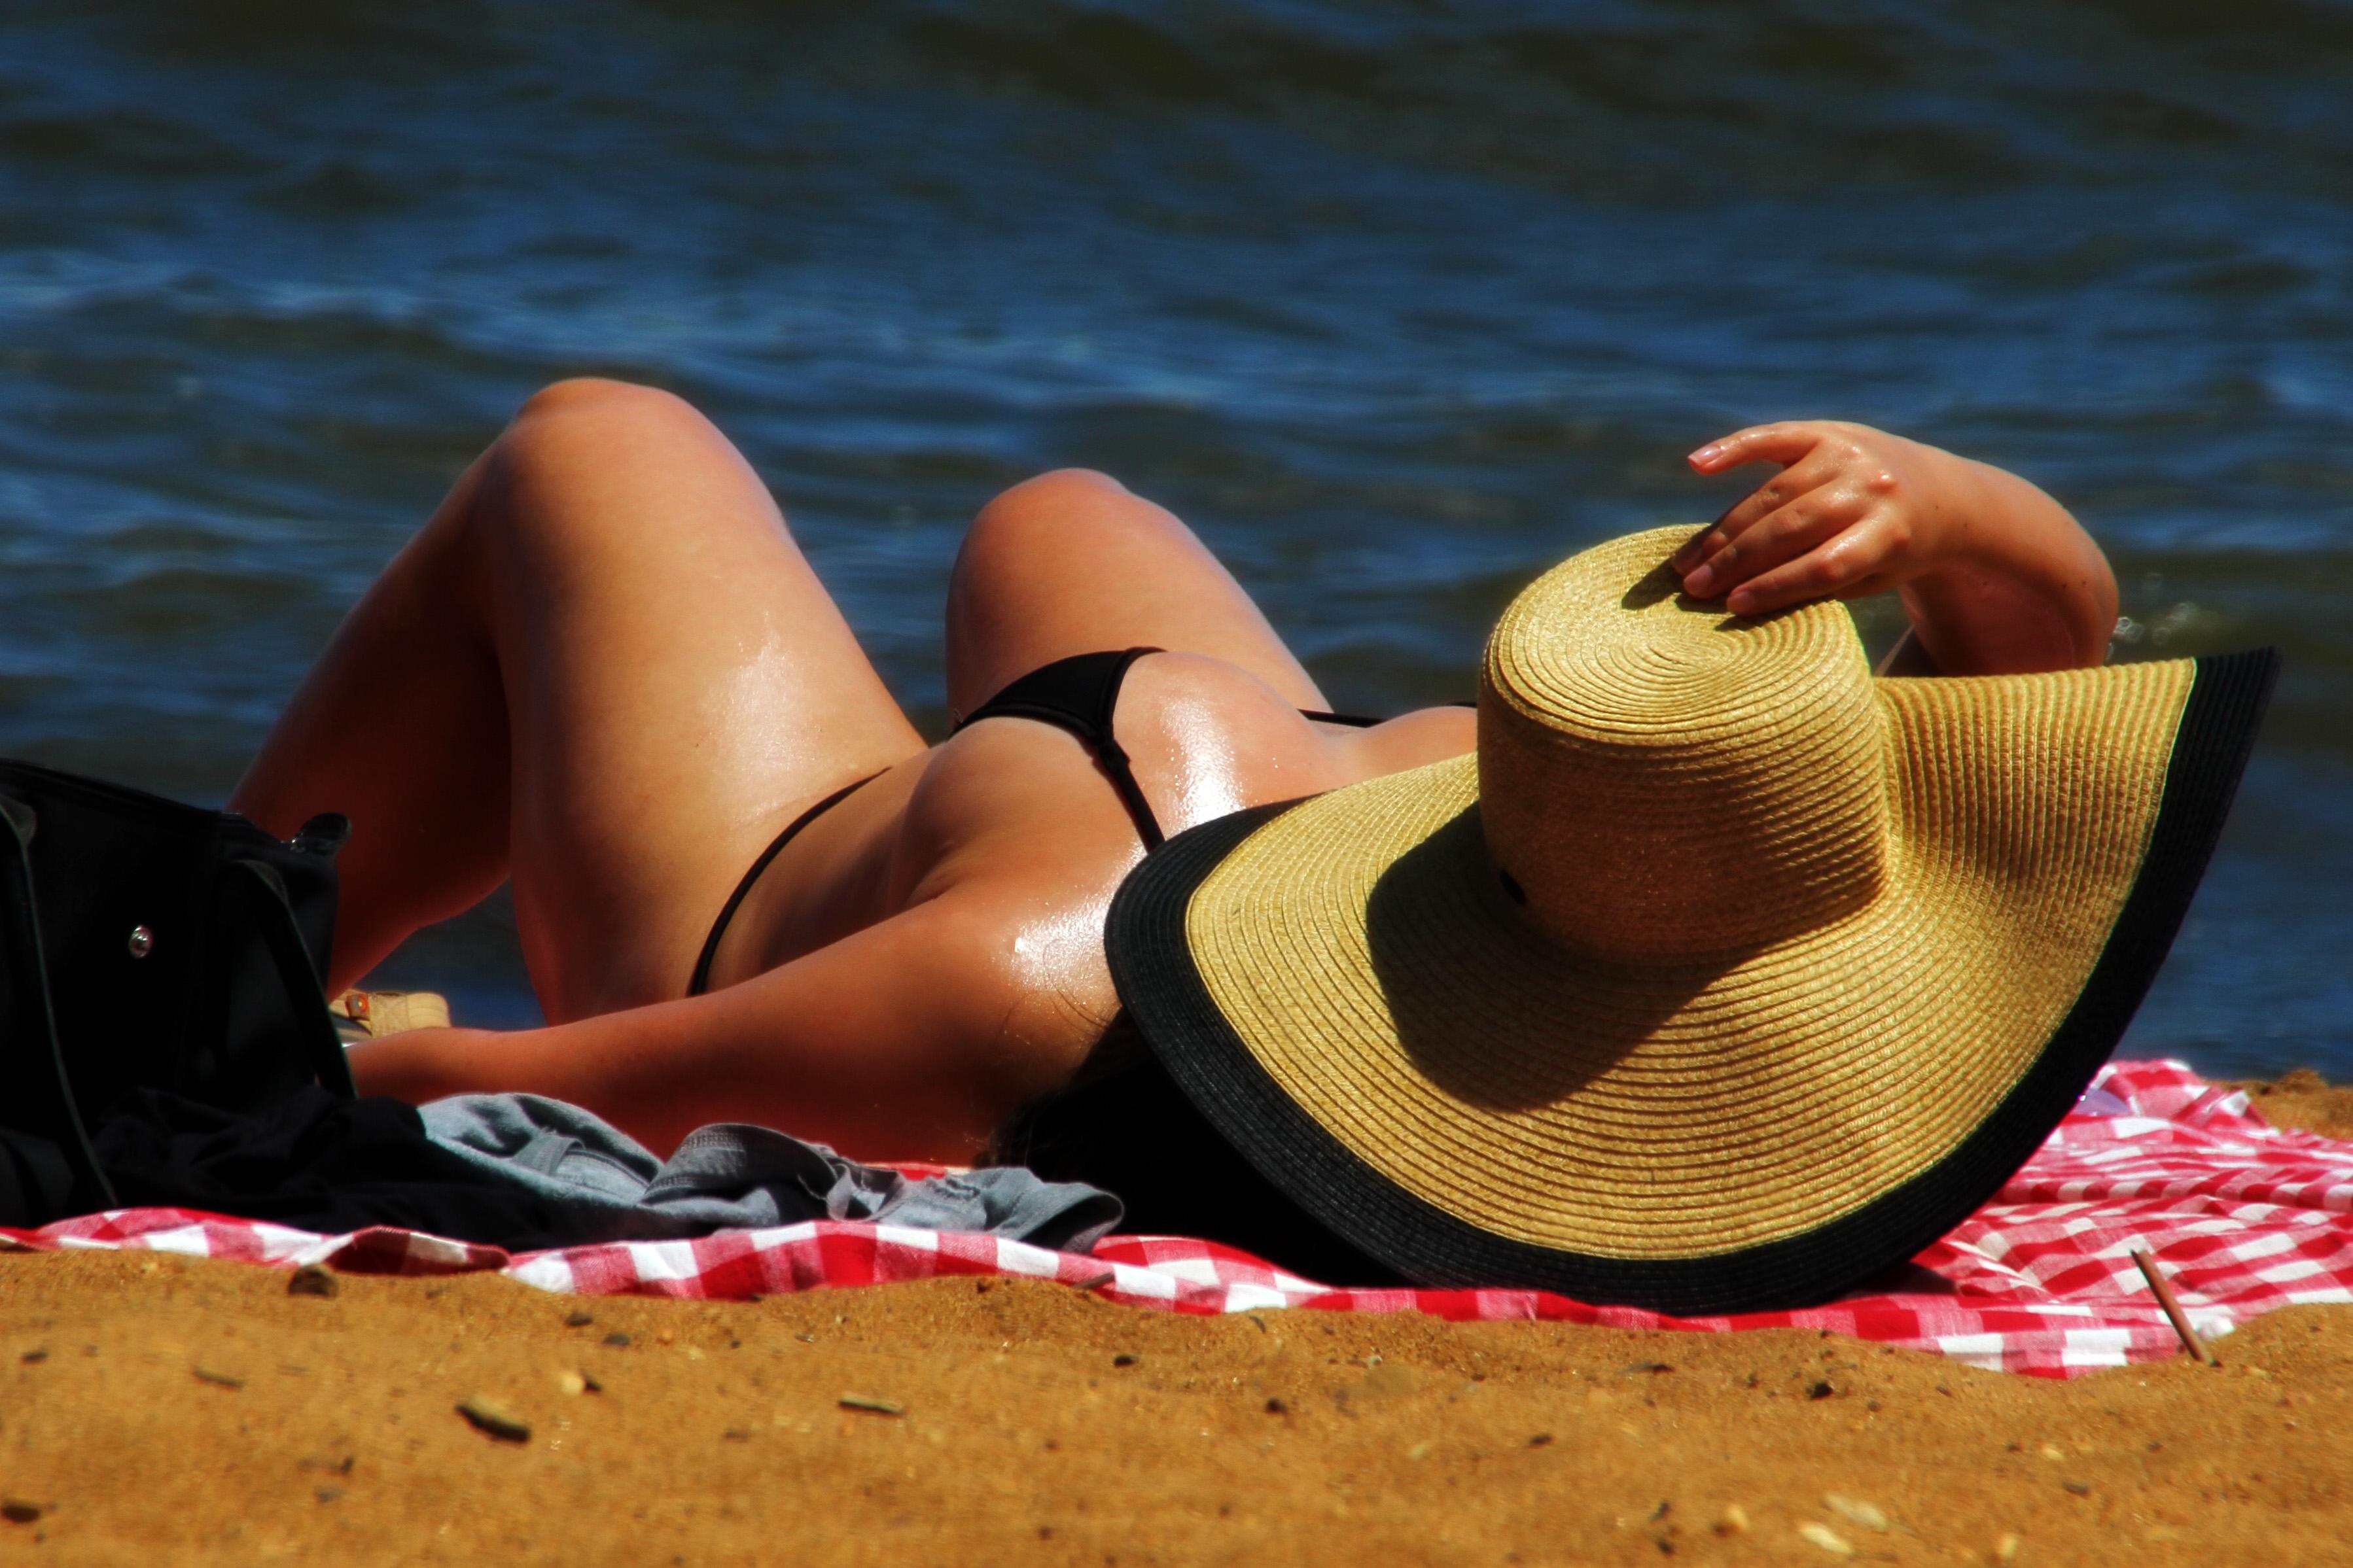 Самые лучшие пляжи крыма отзывы фото п-образный